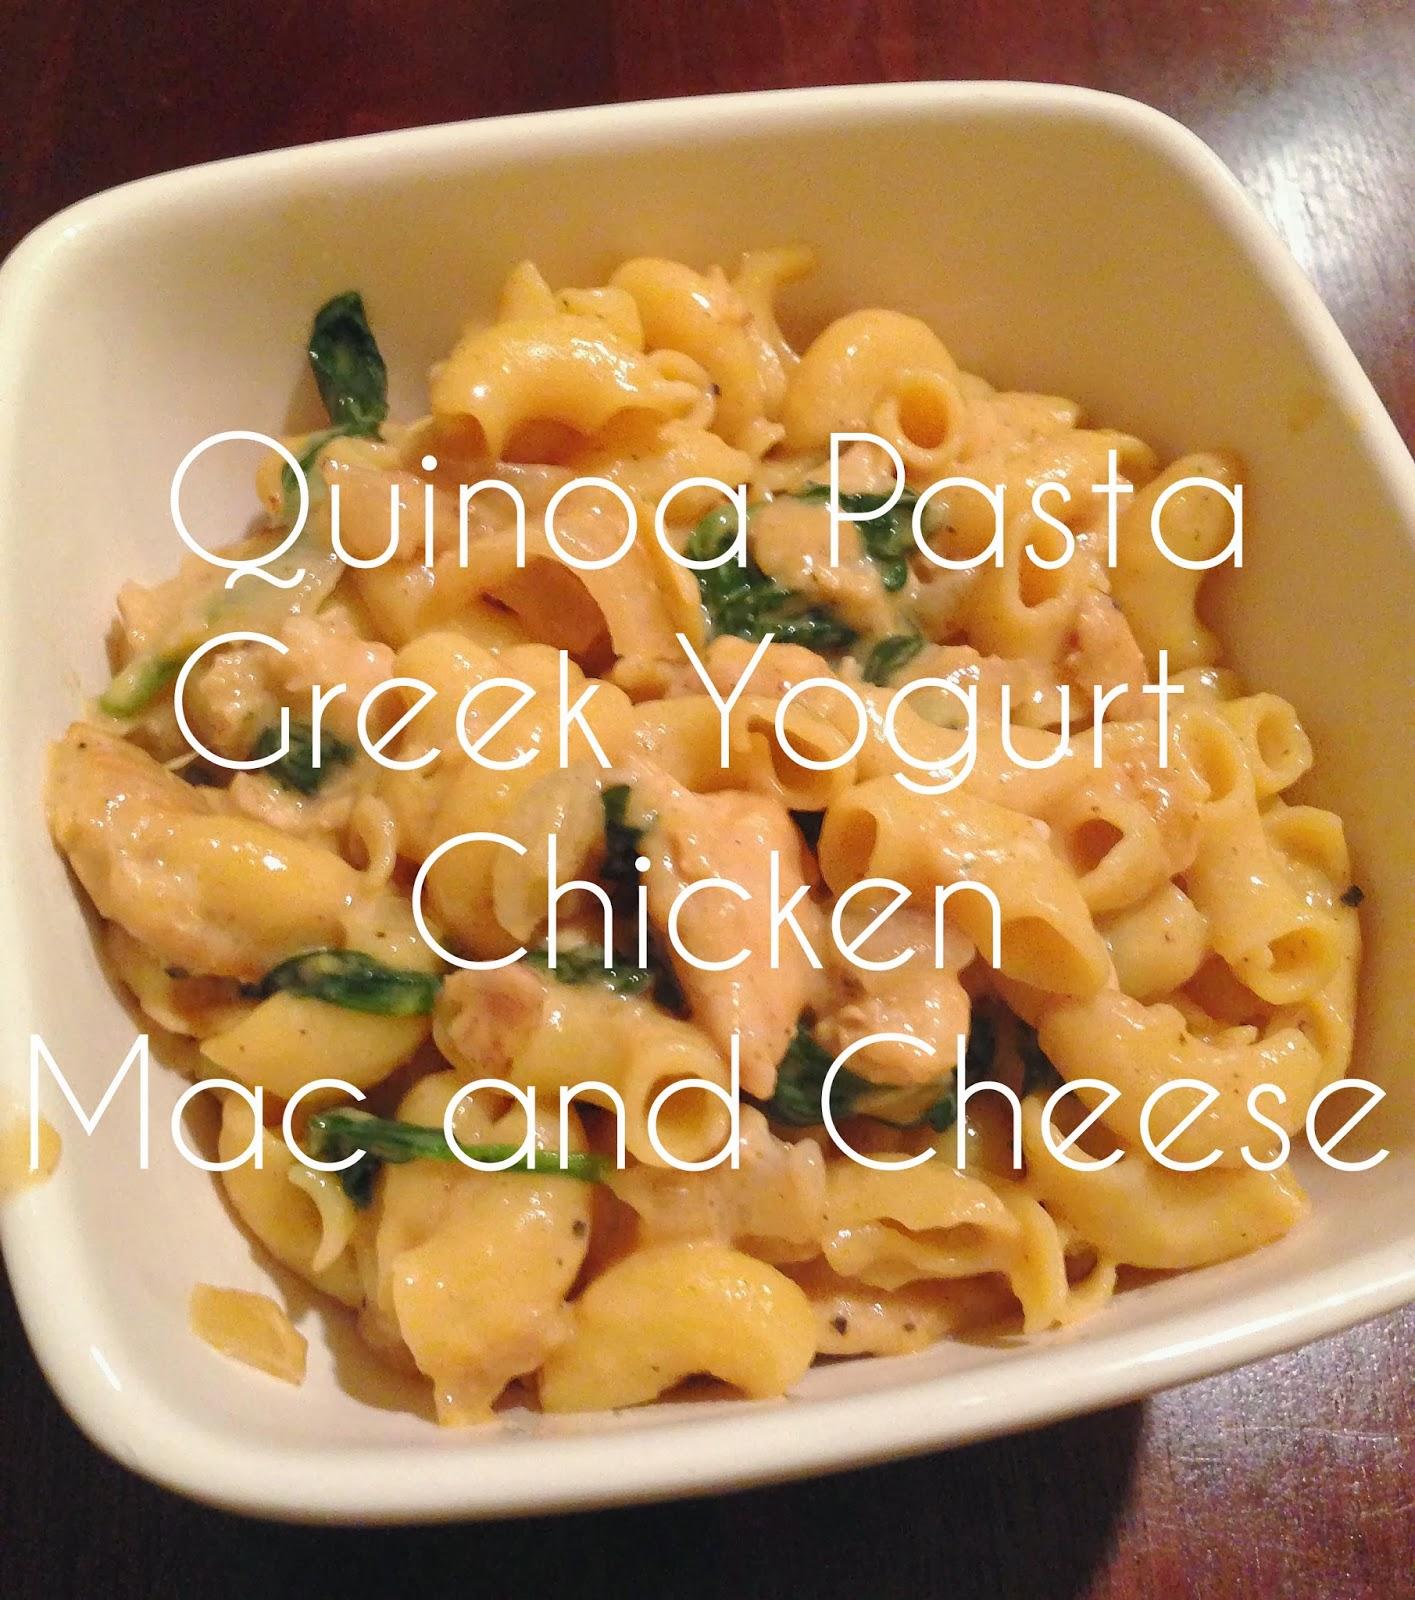 Quinoa Pasta Greek Yogurt Chicken Mac and Cheese